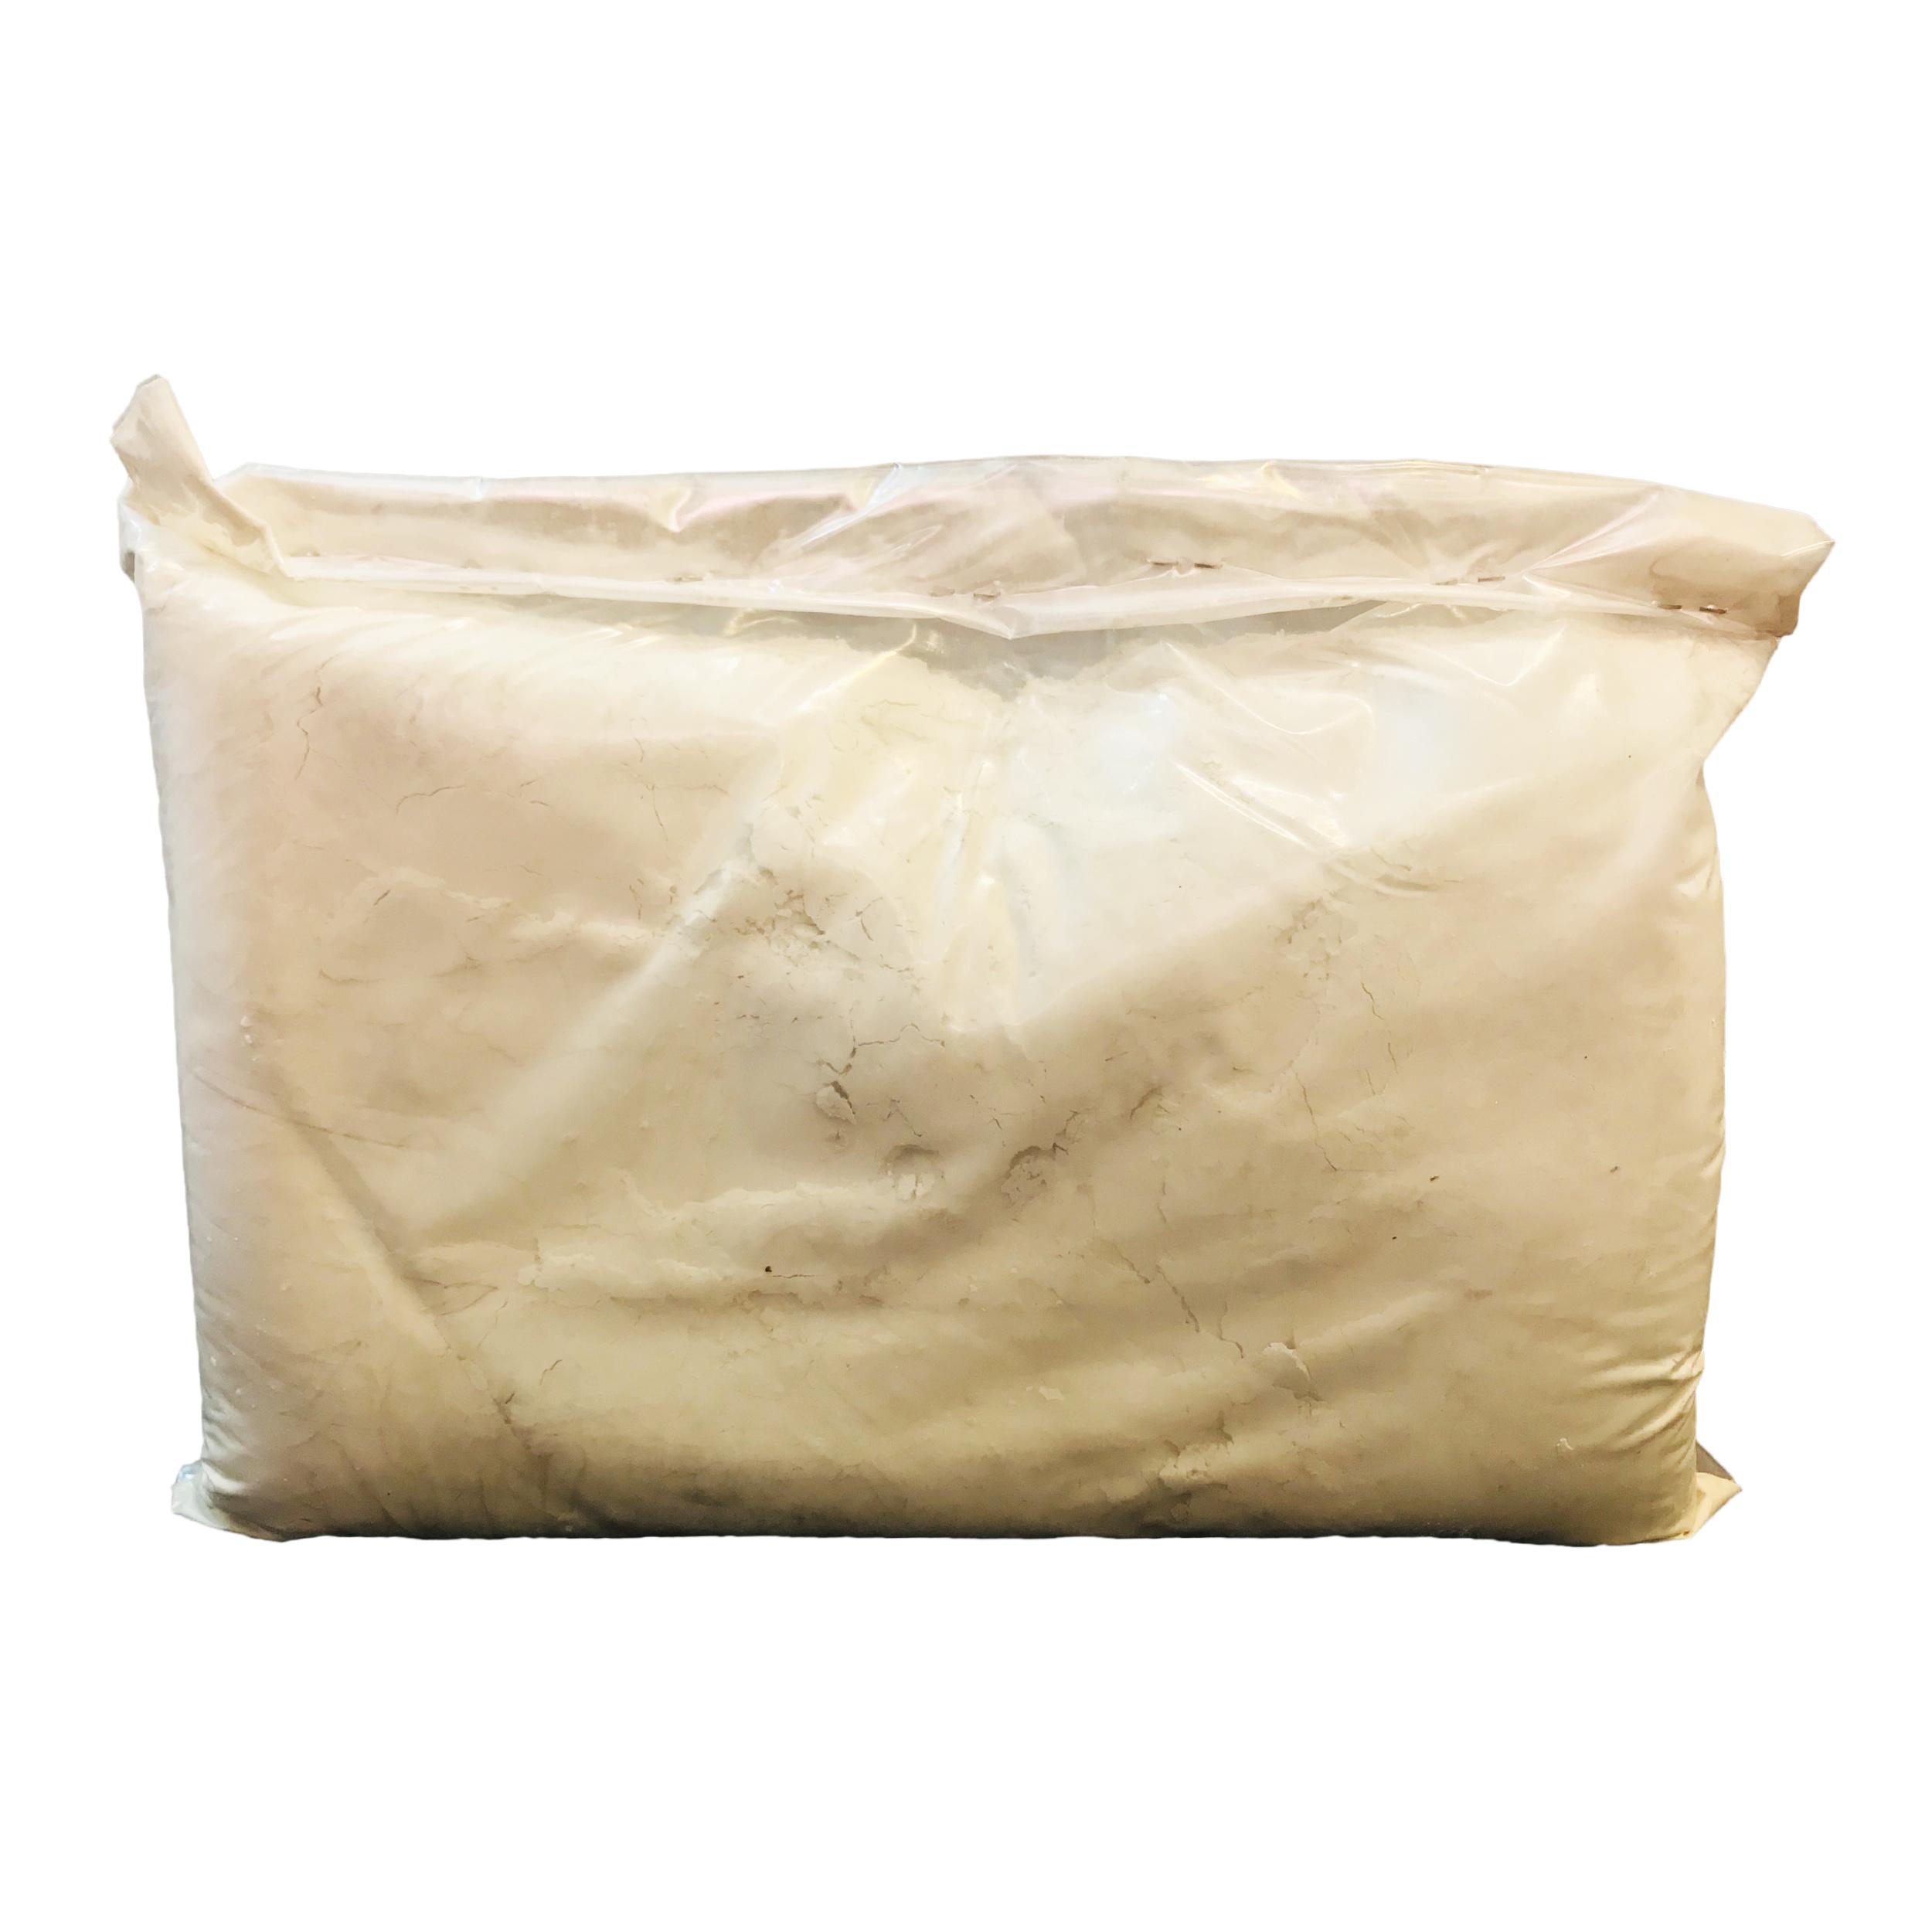 قیمت پودر مل کد ۱۰۰۱ وزن ۱ کیلو گرم